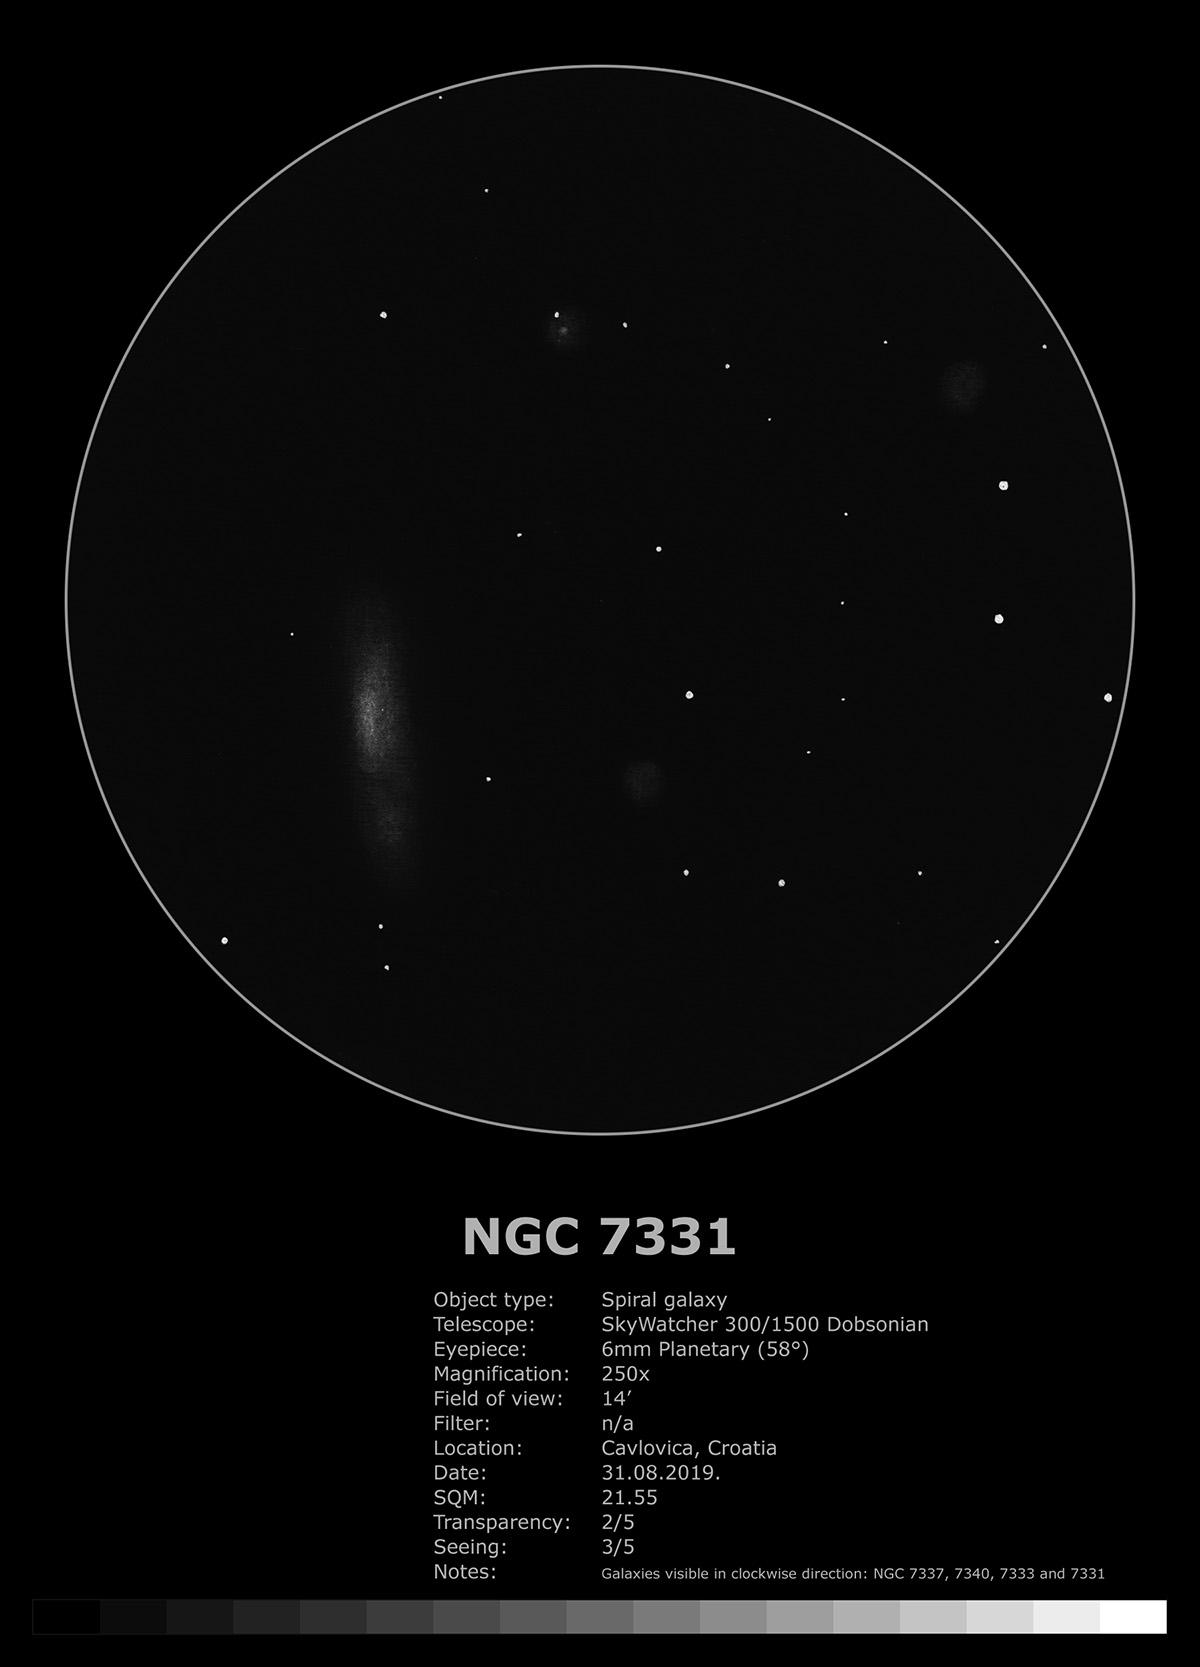 NGC 7331 (2019)